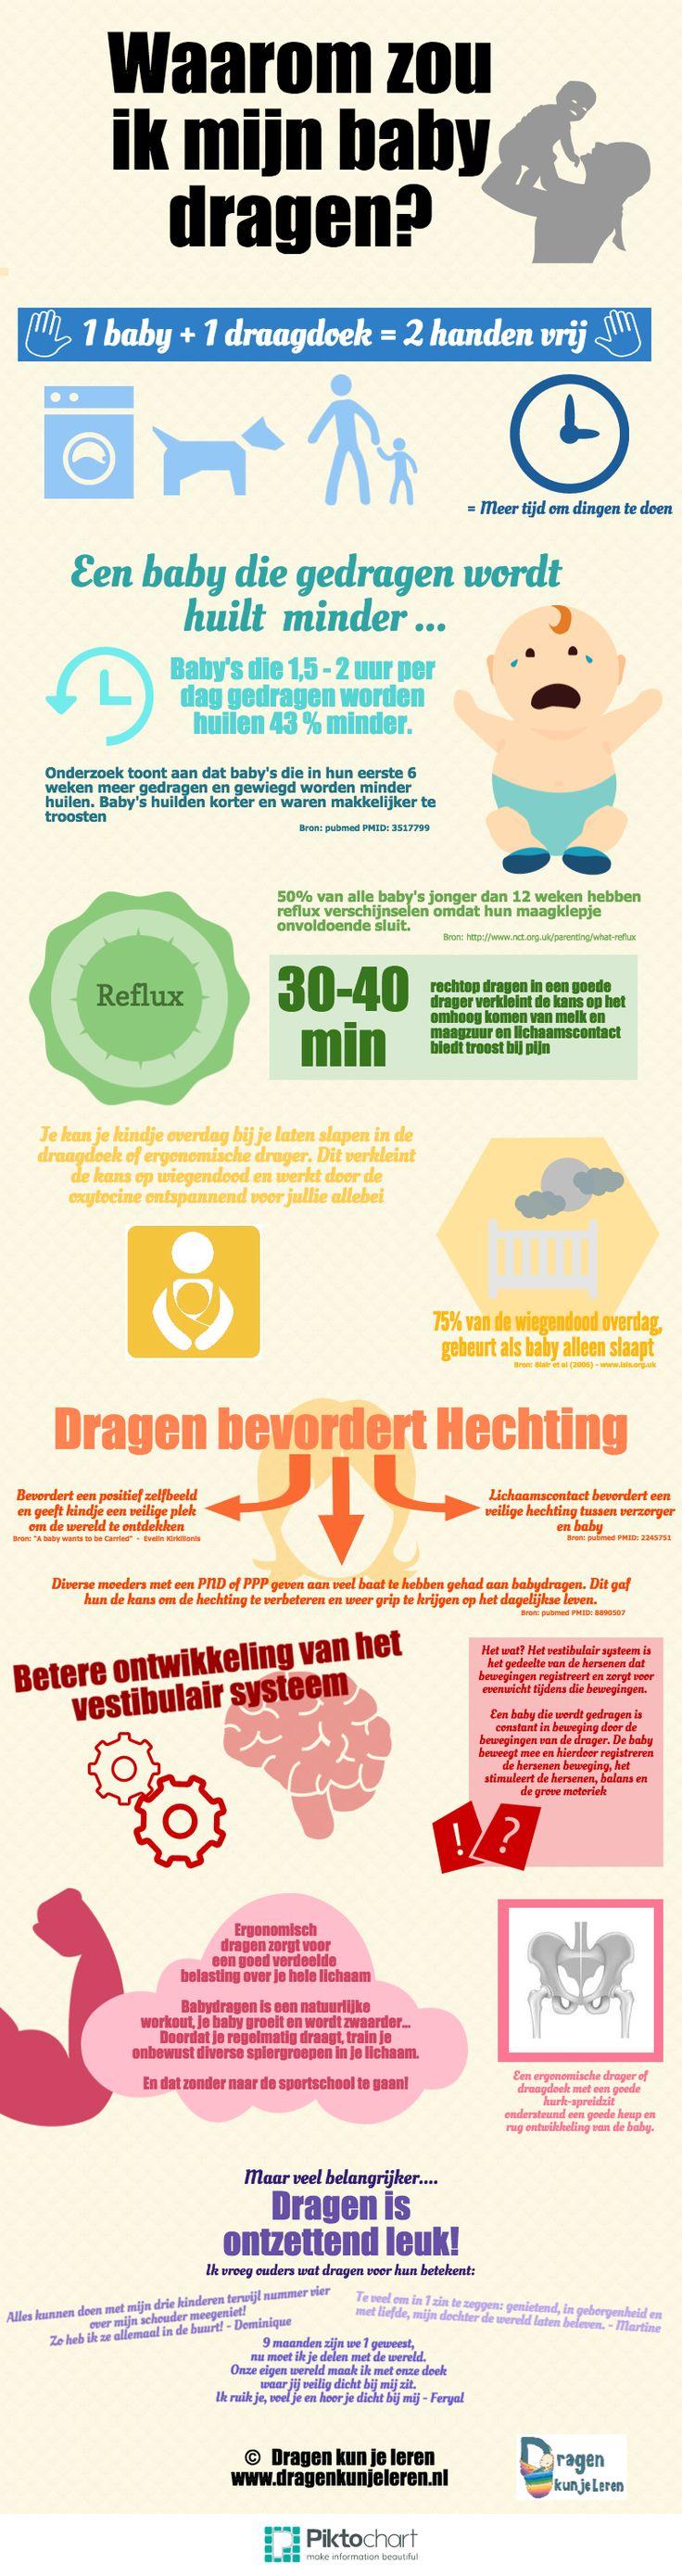 Nederlandse Infographic over de voordelen van dragen - made by www.dragenkunjeleren.nl